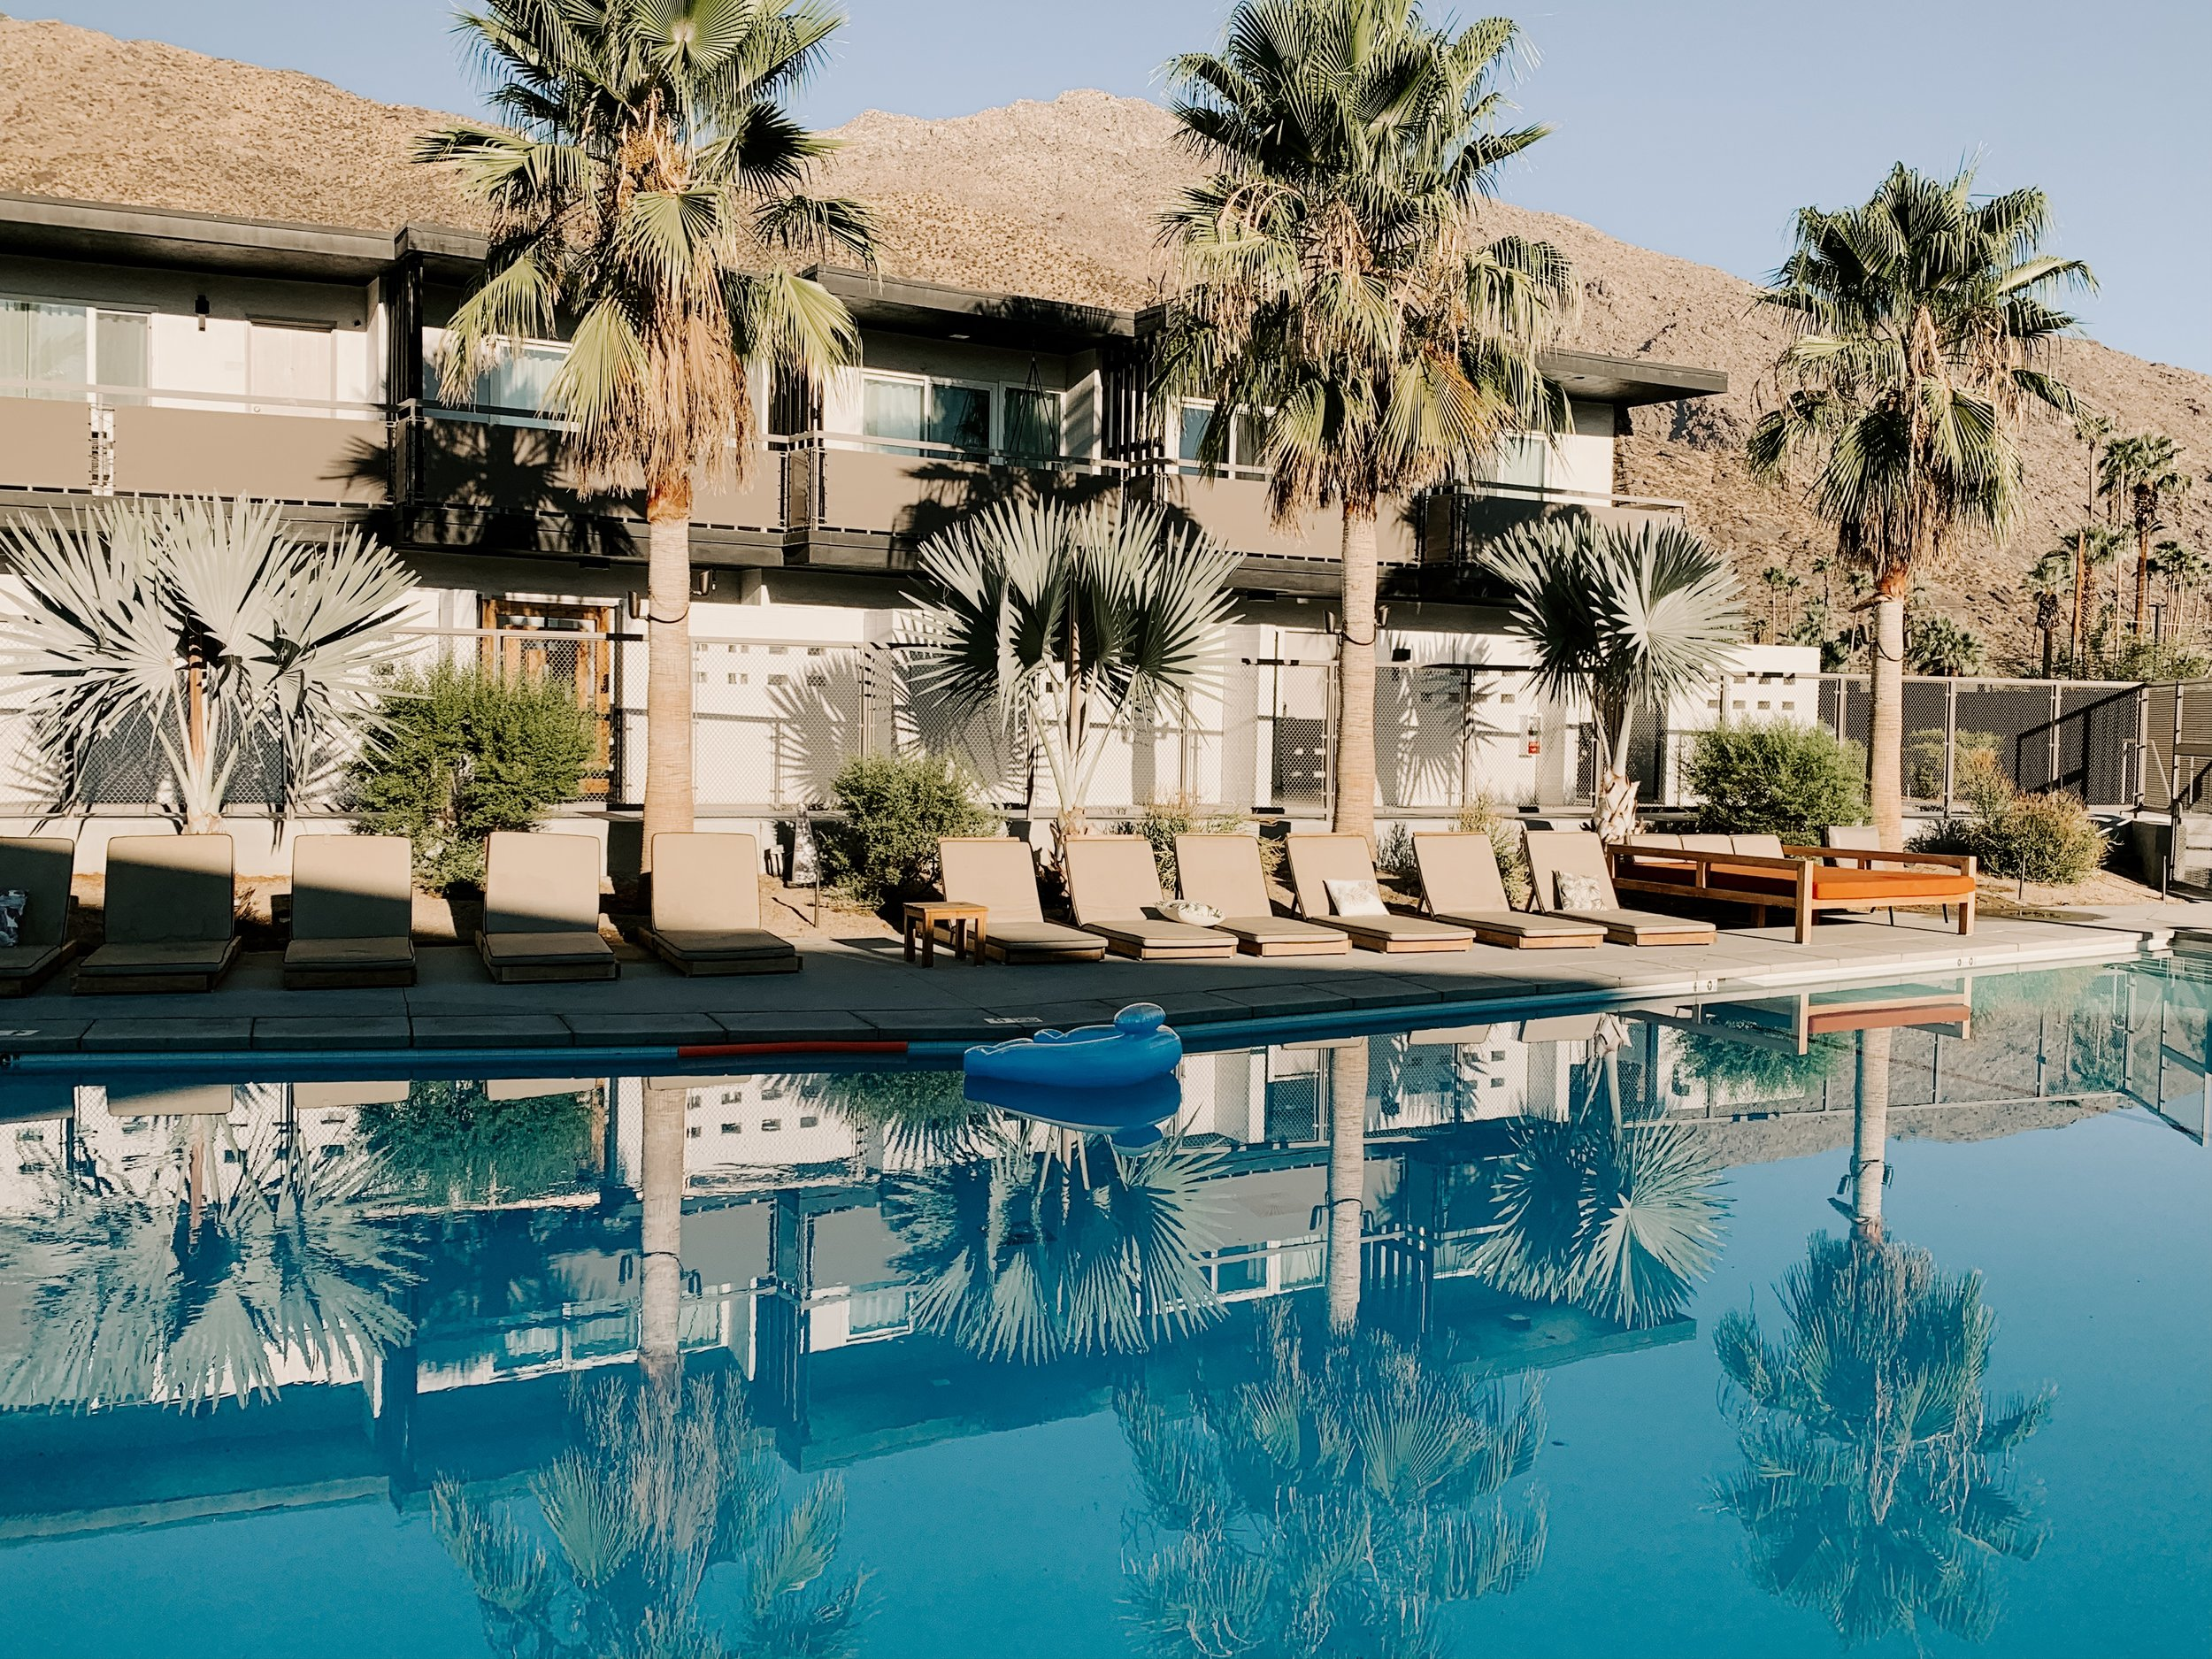 V Palm Springs, CA